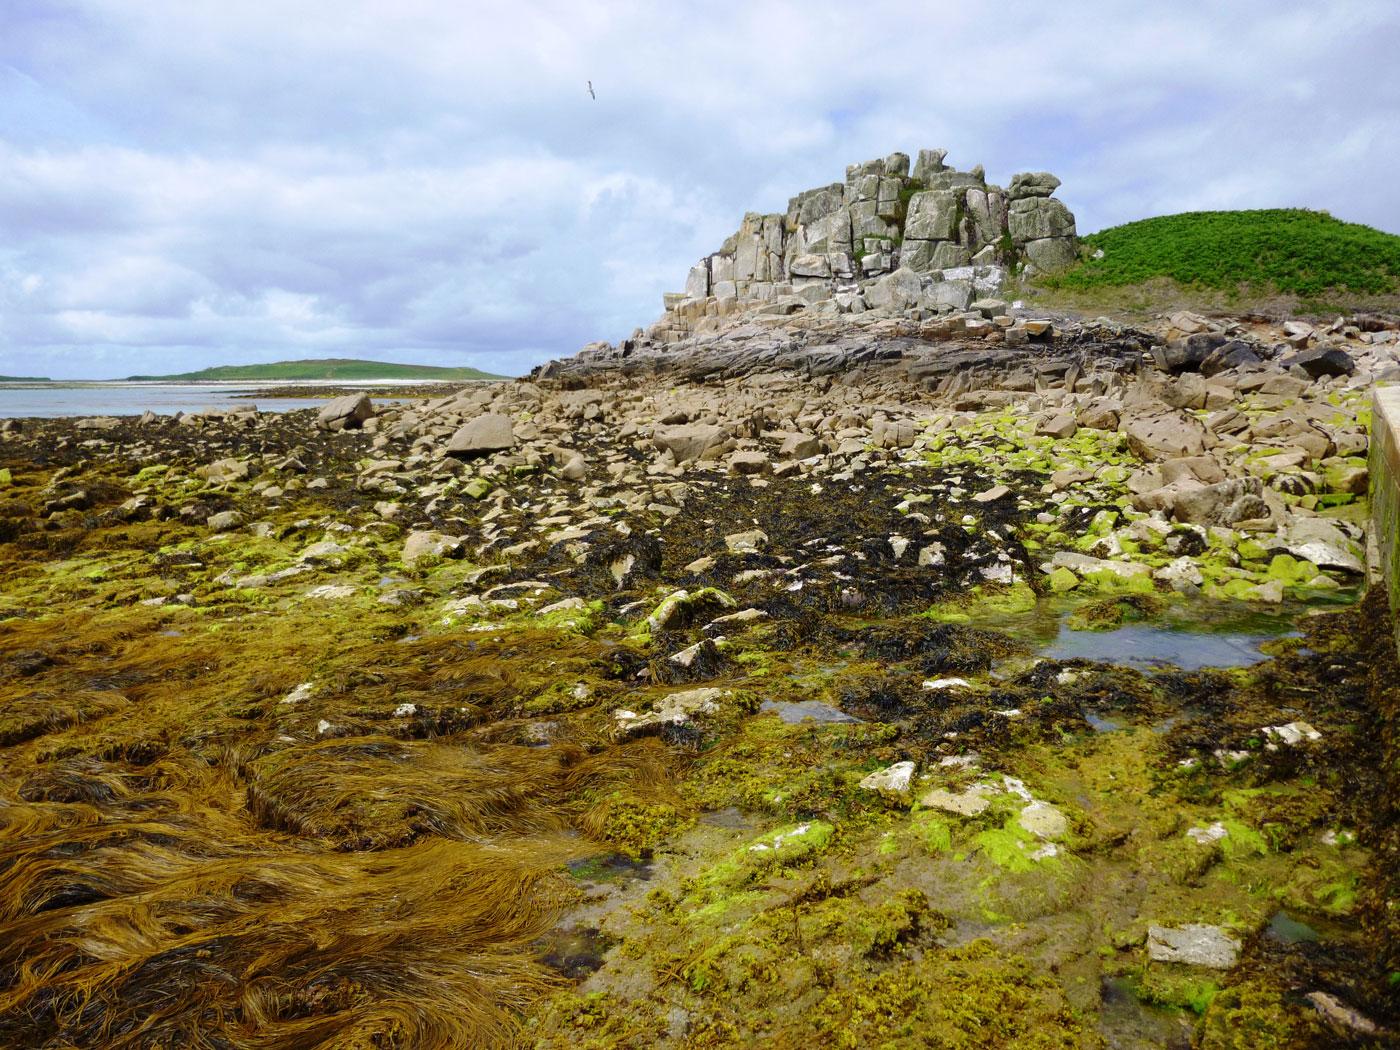 Rugged landscape on Tresco Isle (mid July)